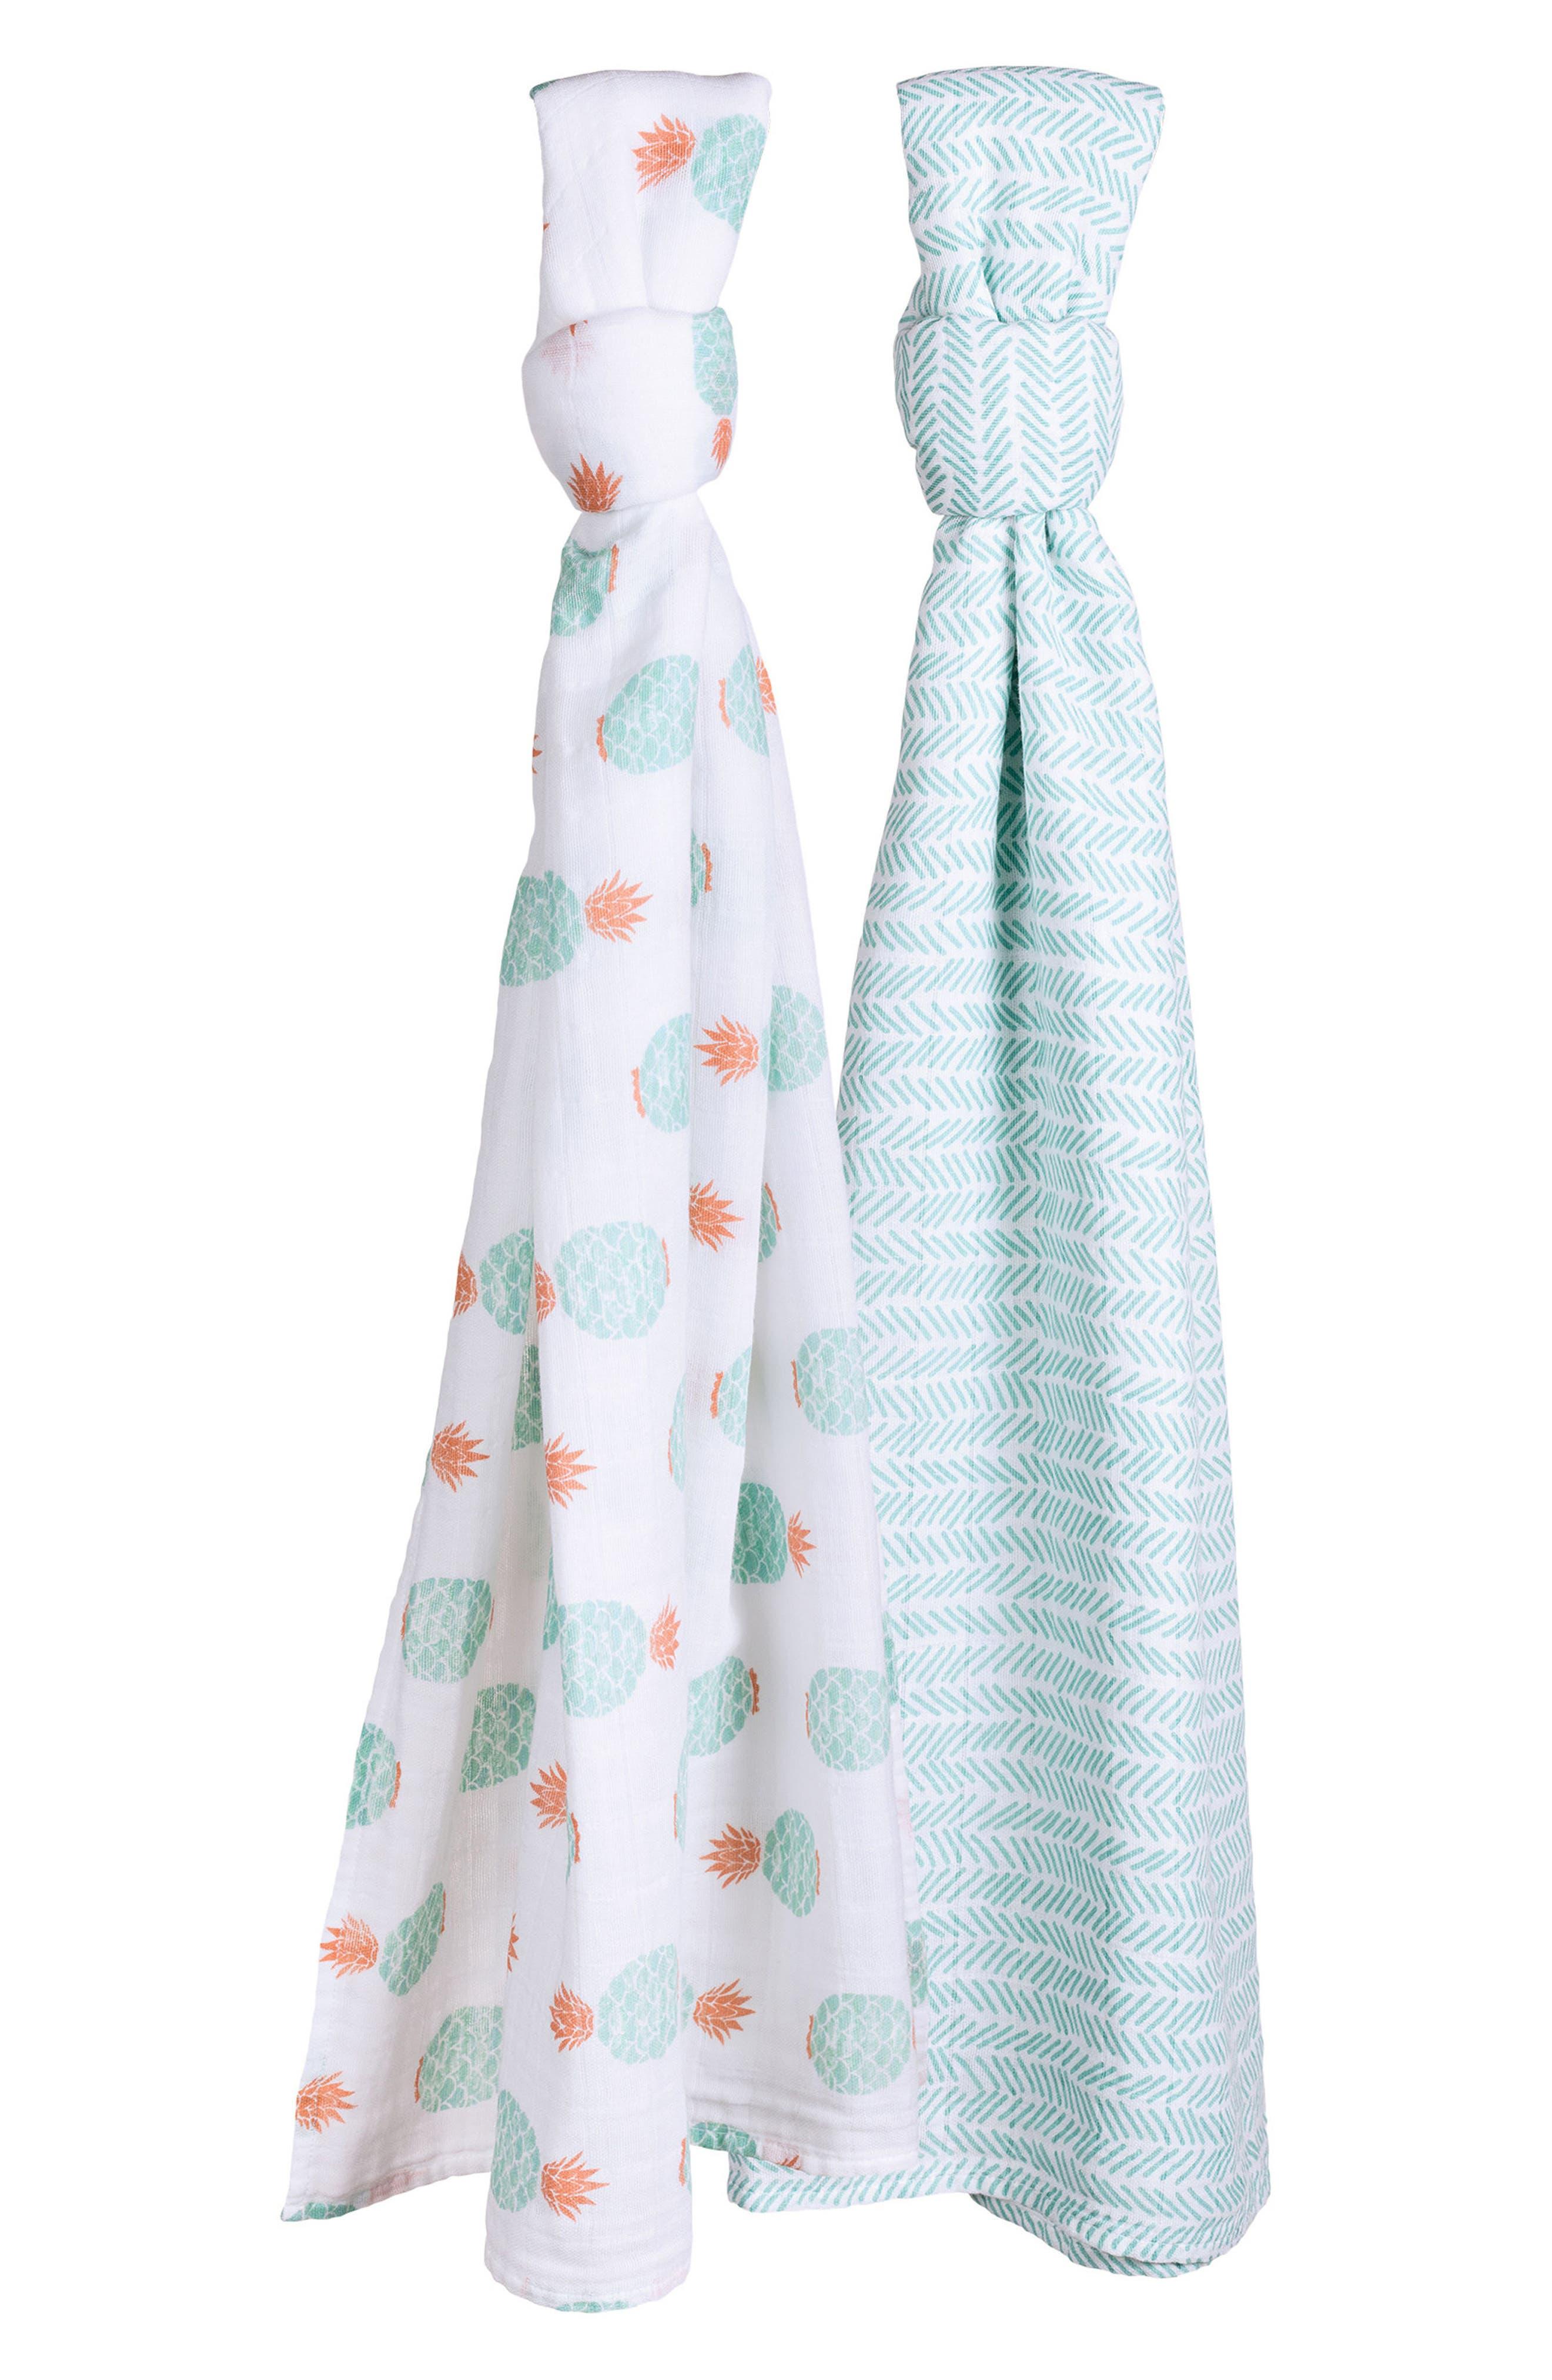 Bébé au Lait 2-Pack Muslin Swaddle Blankets